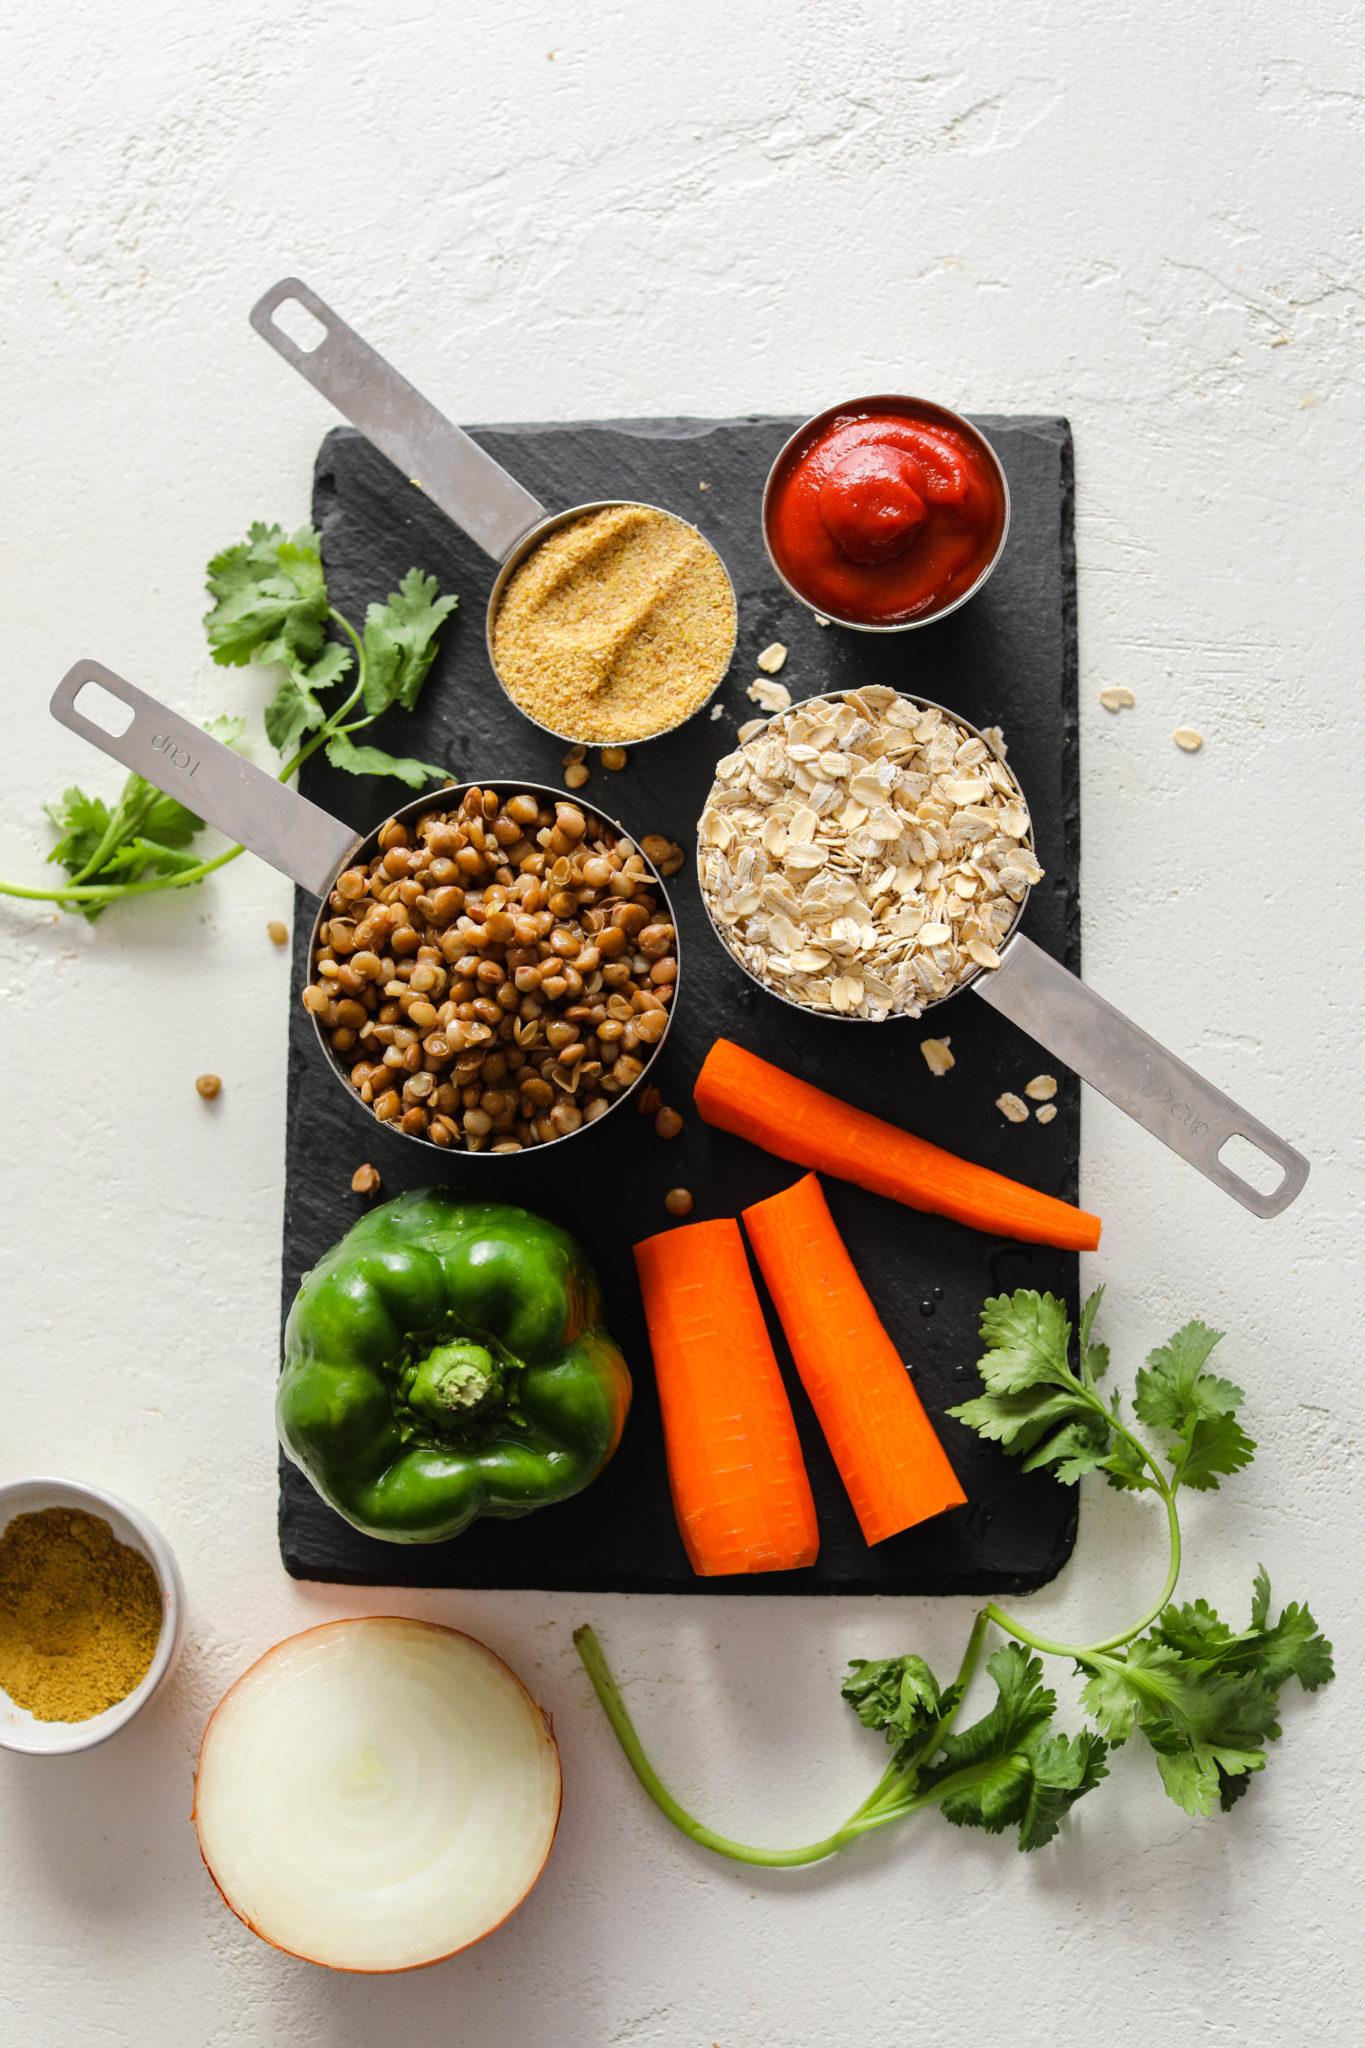 Lentil Oat Loaf (Vegan & Gluten-Free!) Ingredients